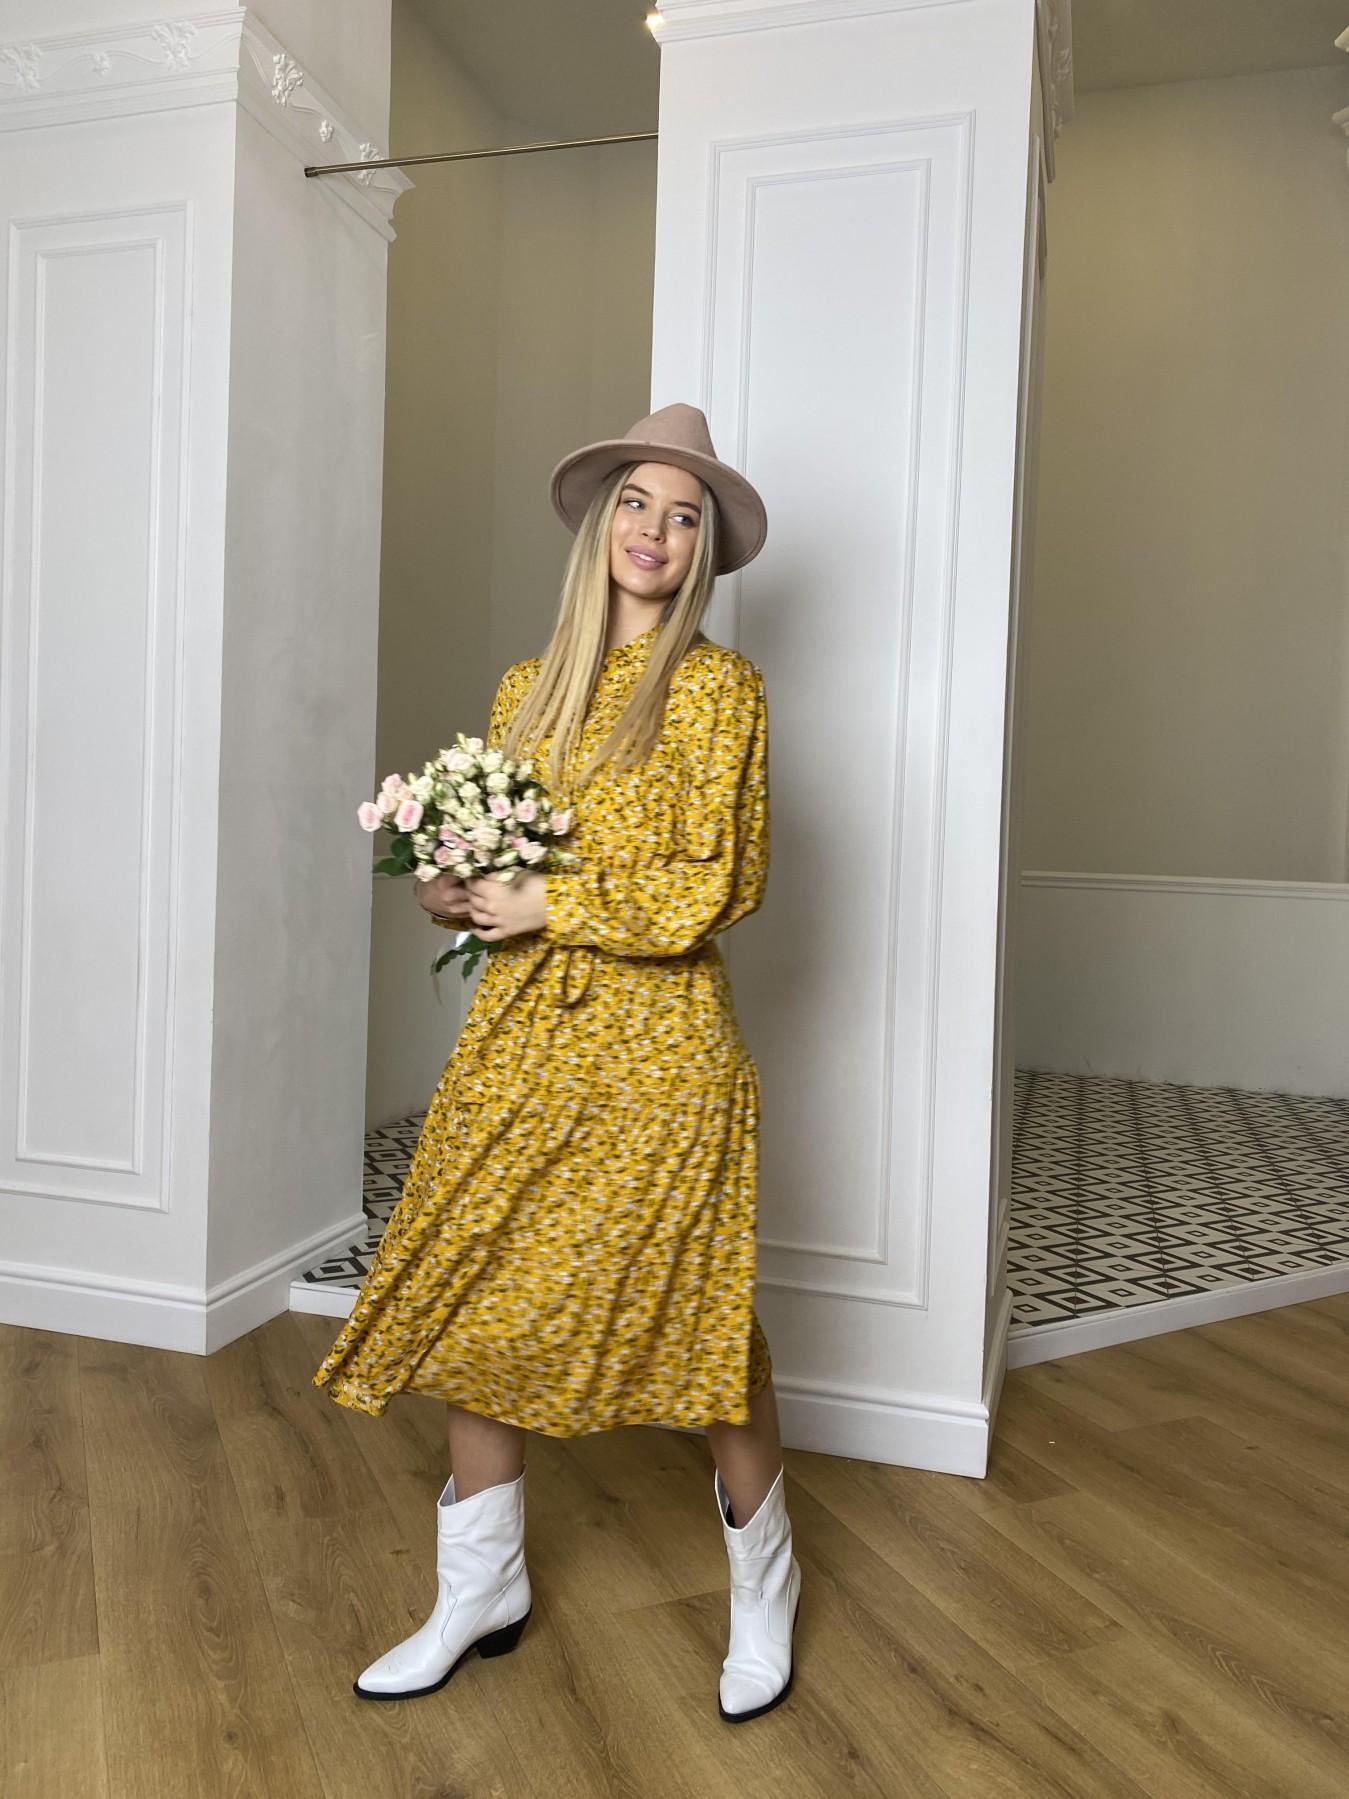 Лилия платье штапель в принт 10879 АРТ. 47350 Цвет: Цветы мел горч/бел/гол - фото 4, интернет магазин tm-modus.ru